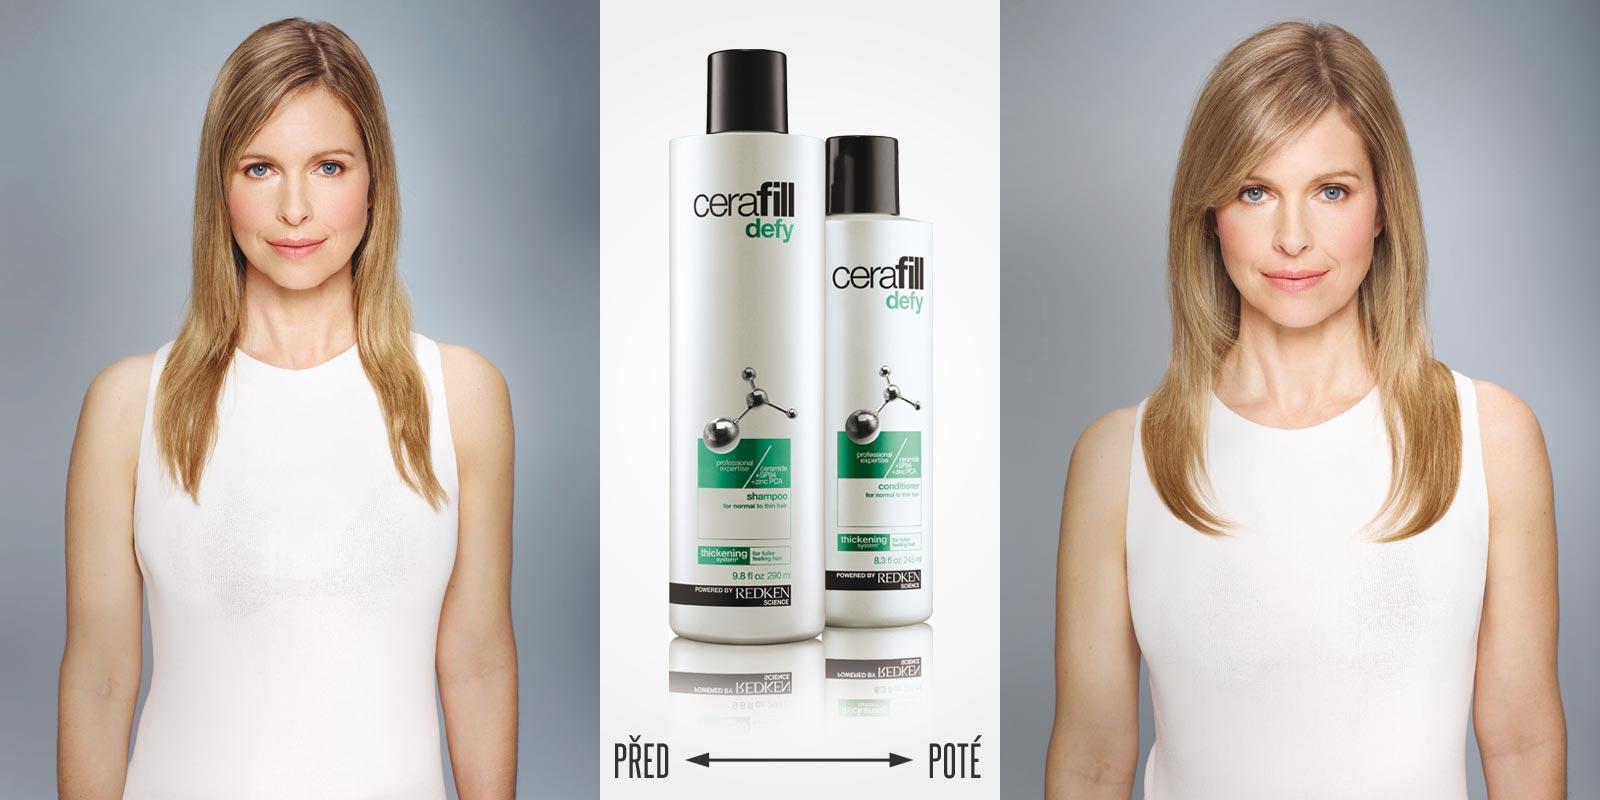 Cerafill pomáhá proti řídnutí vlasů. Před a po používání Cerafill Defy spolu s úpravou střihu, barvy a stylingu.